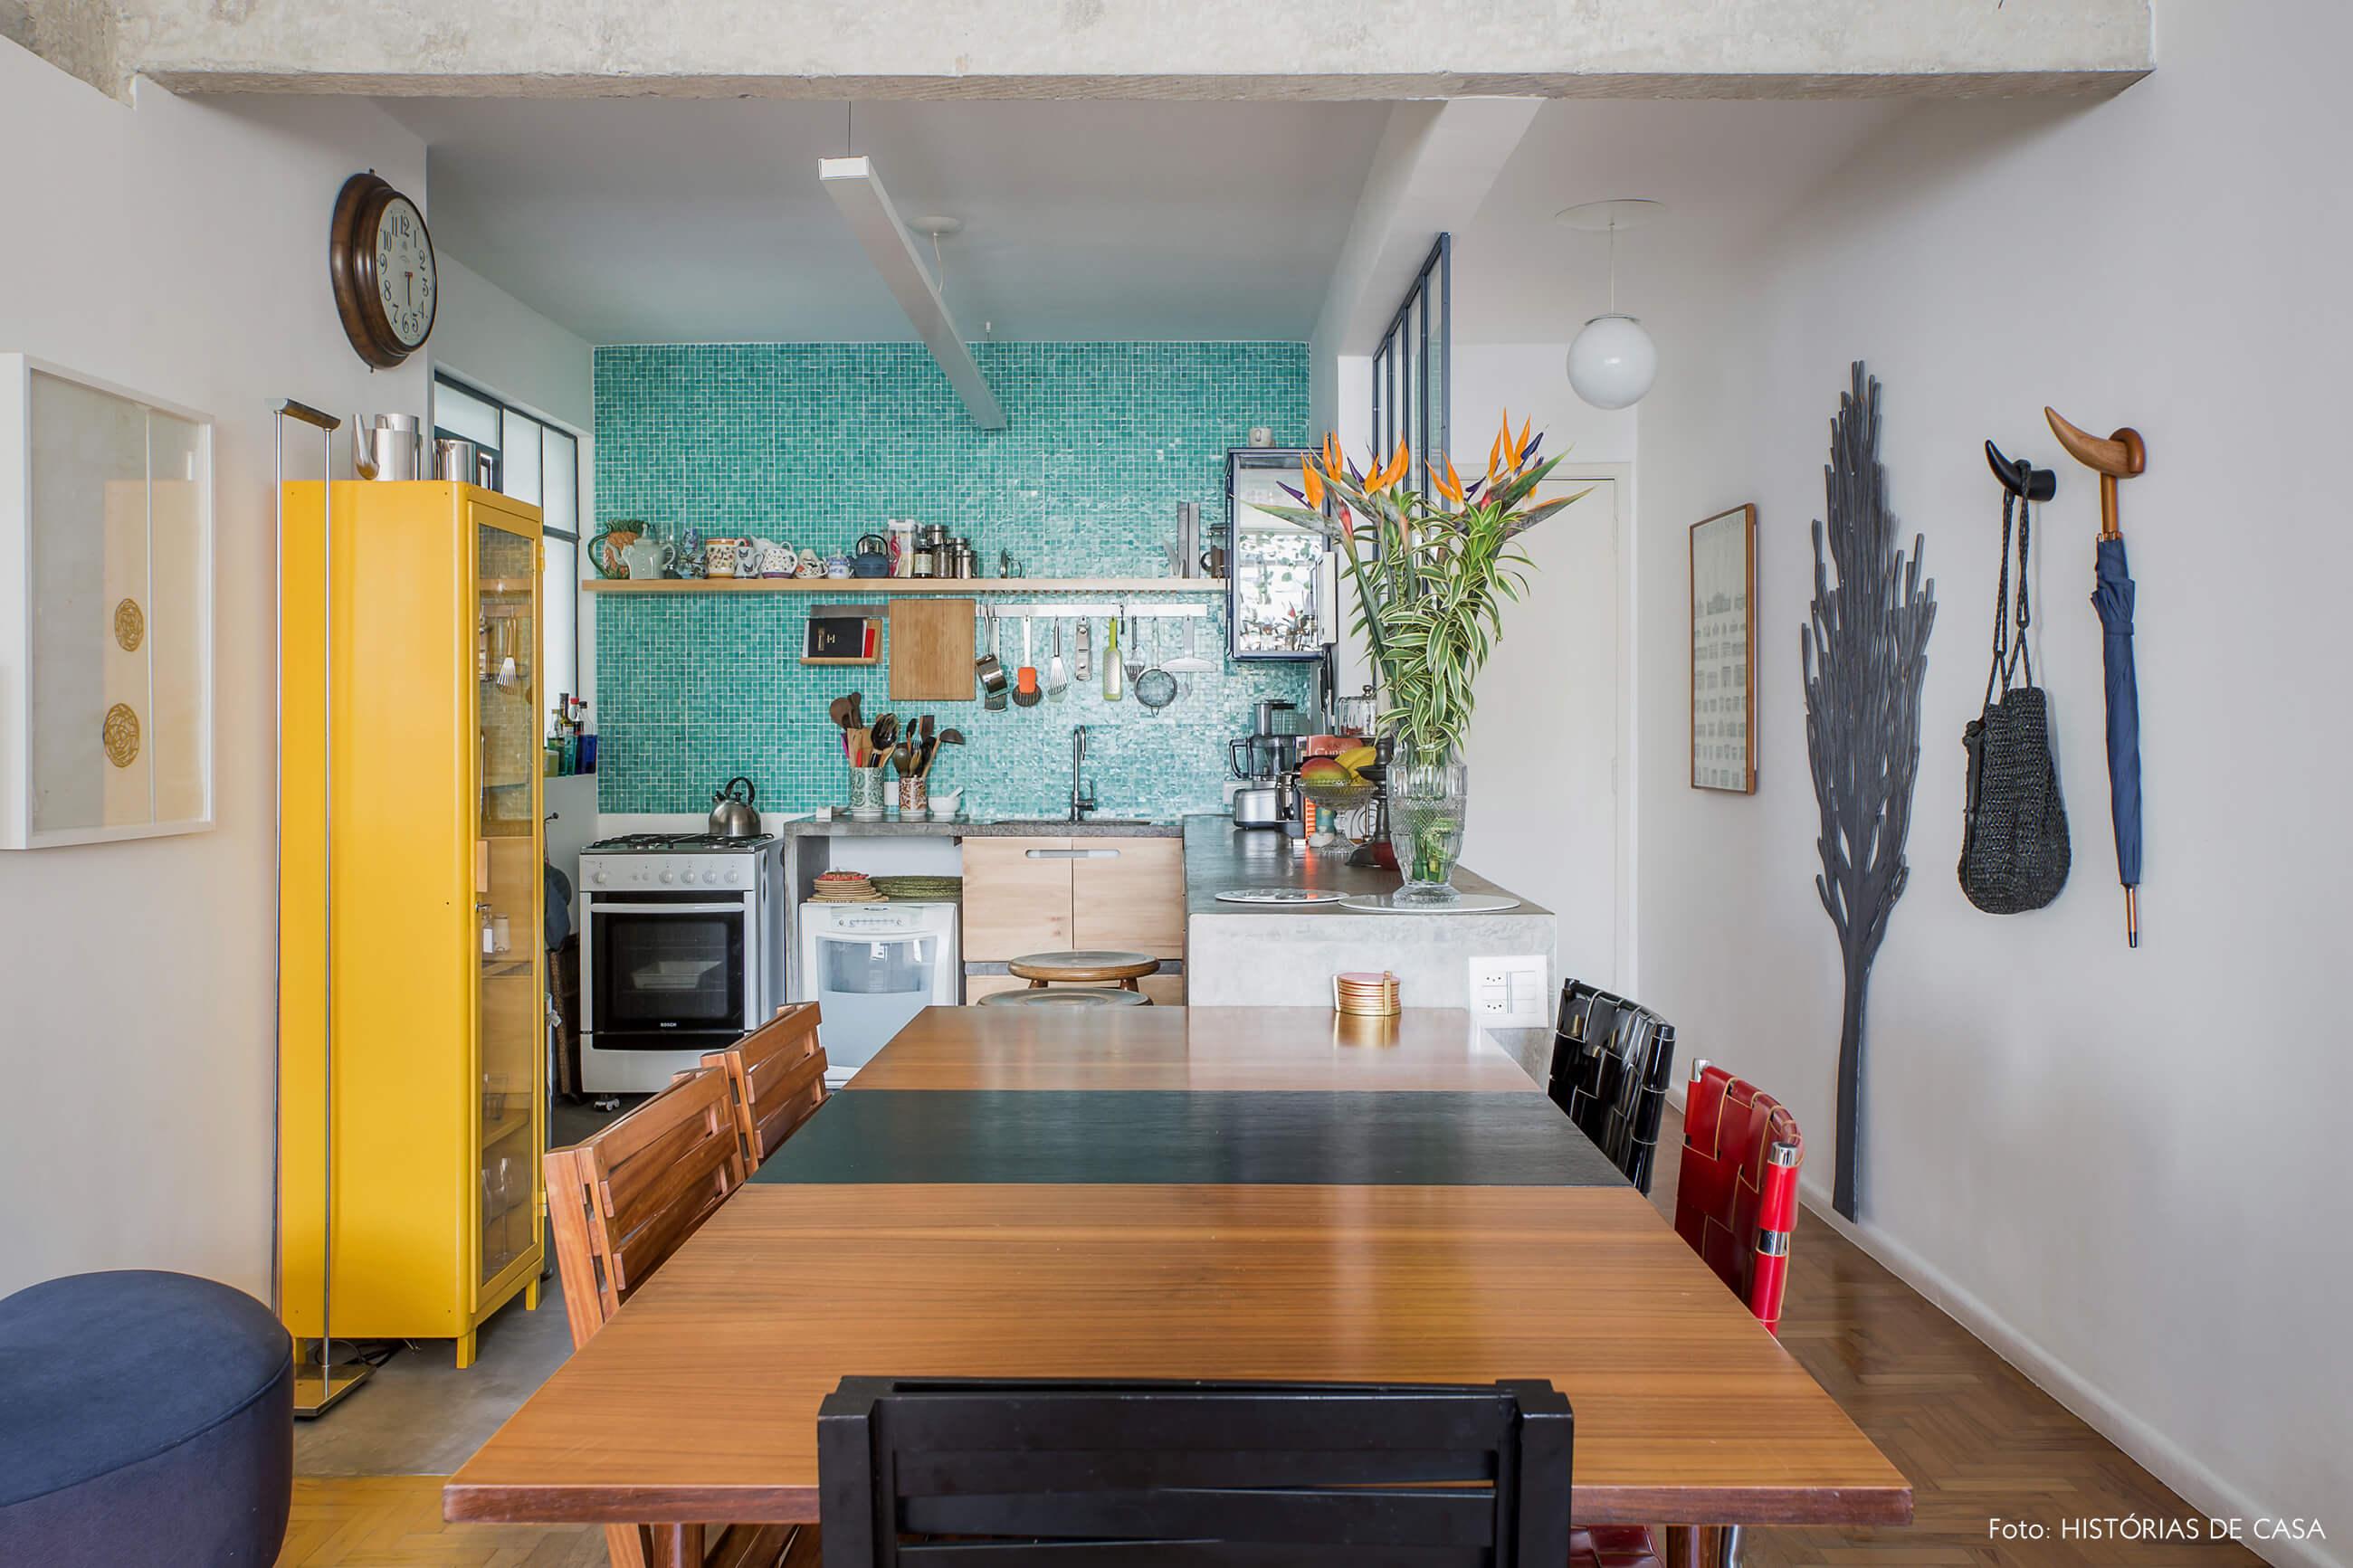 Apartamento com sala integrada com cozinha, e decoração colorida